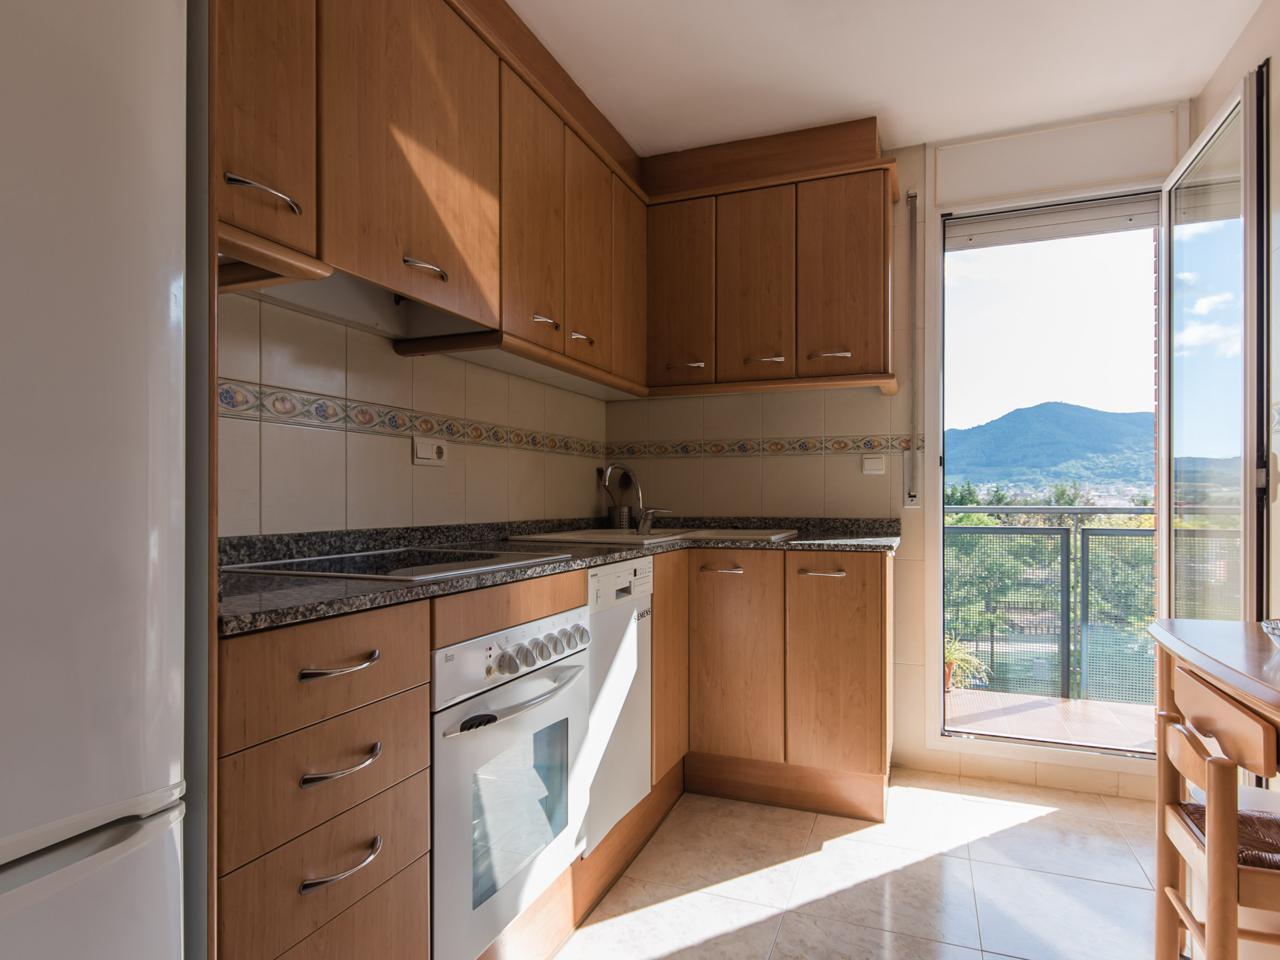 piso en montornes-del-valles · carrer-de-la-casa-nova-08170 166000€